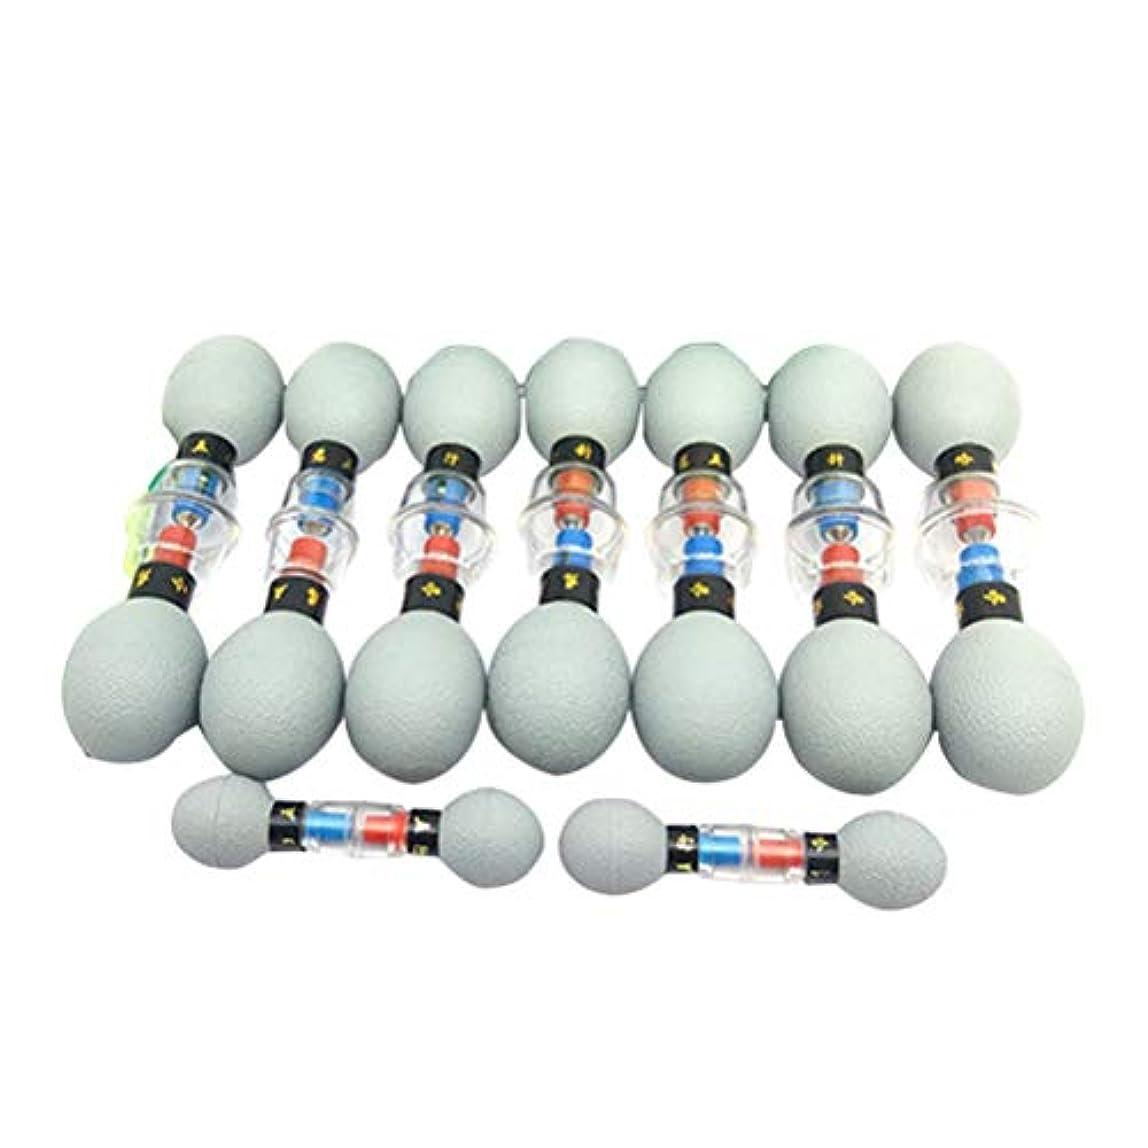 ステレオ故国悪魔SUPVOX 中国のバイオ磁気カッピング療法セット真空吸引カッピング指圧療法ツール用痛み緩和18ピース